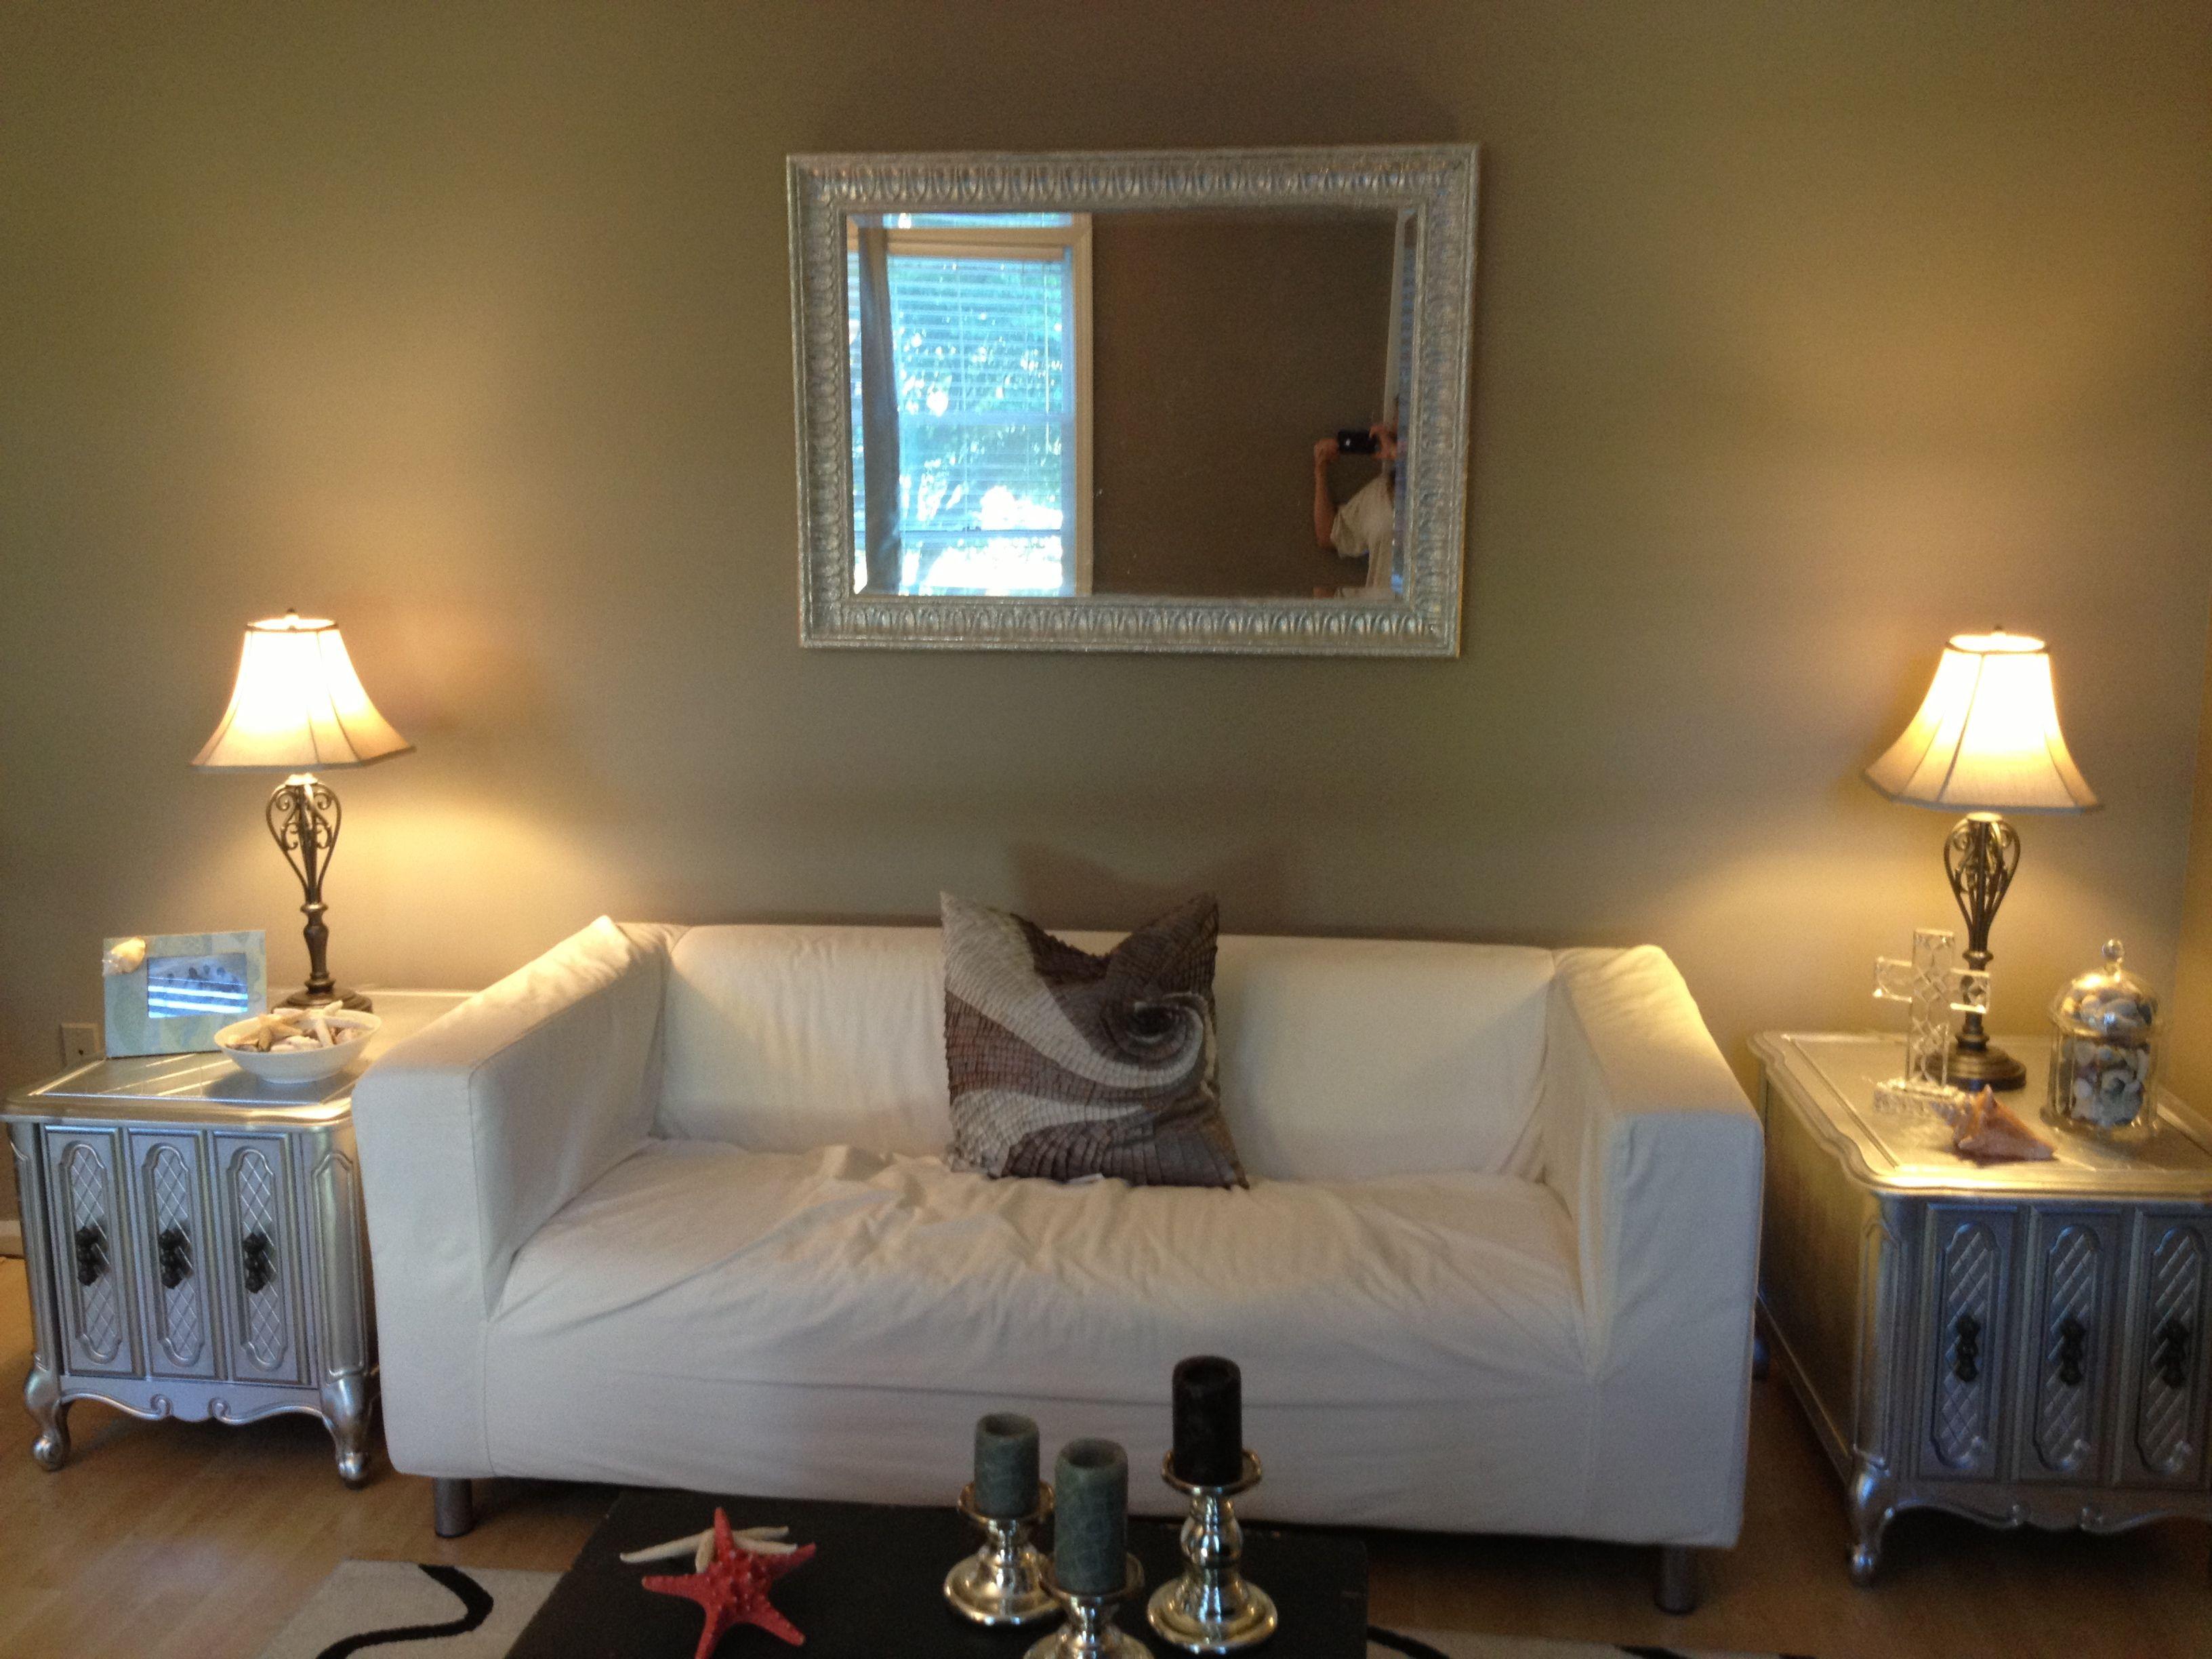 Ikea Klippan Sofa.